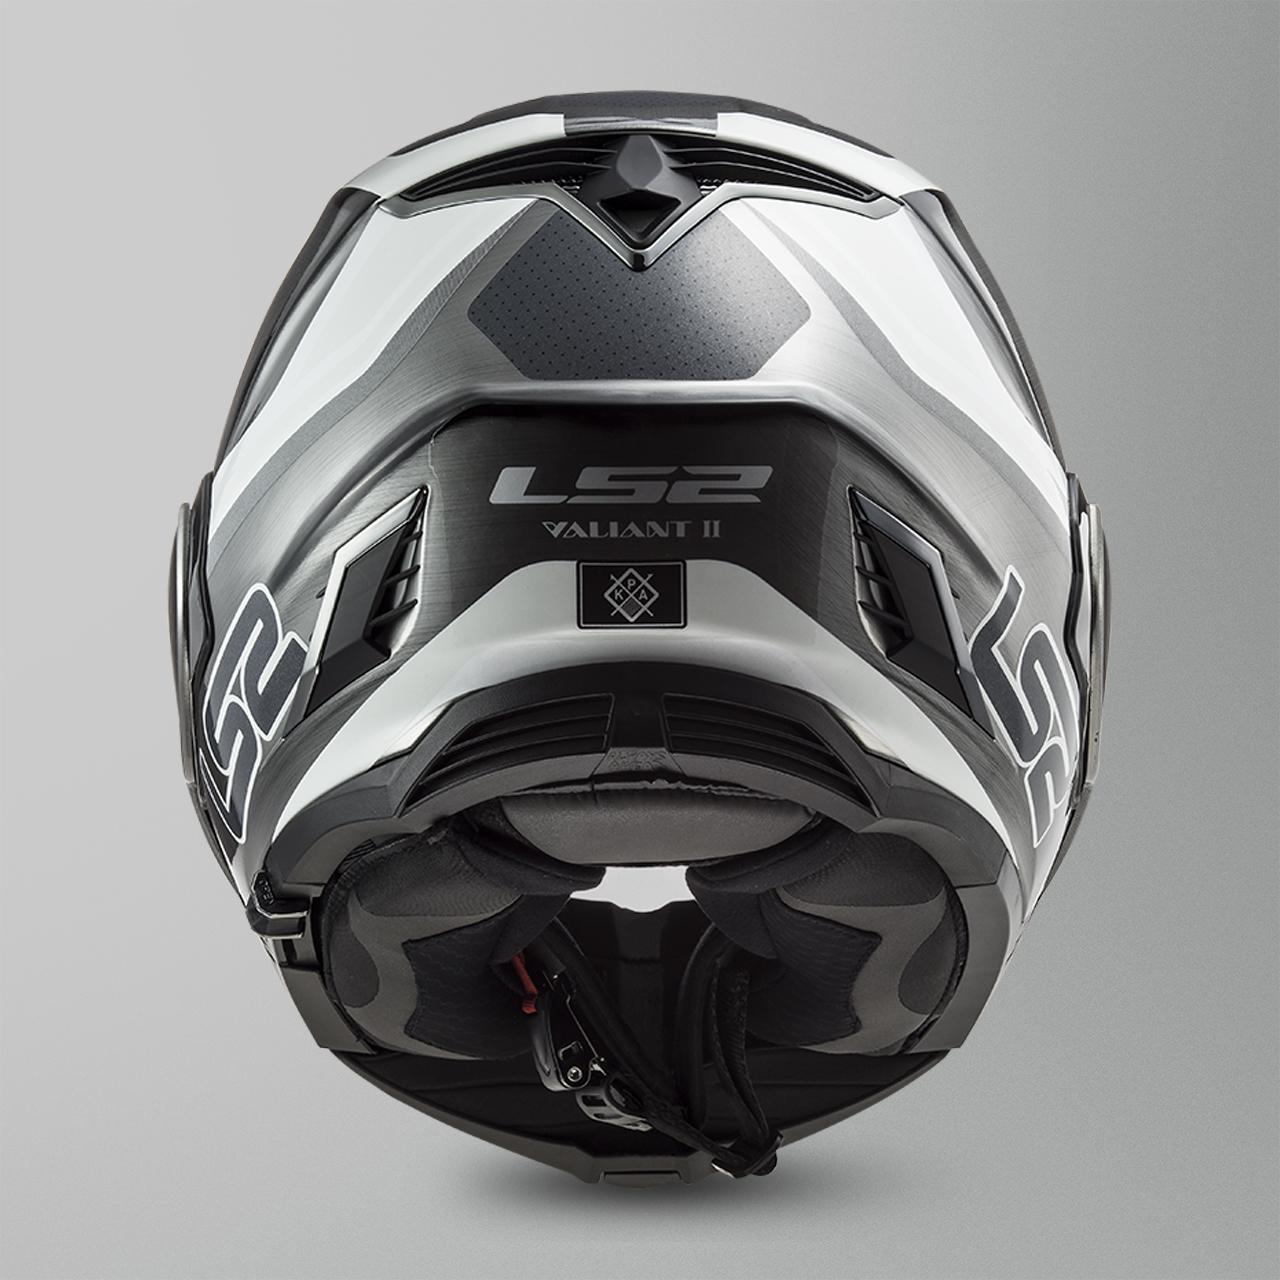 LS2 Casco de moto FF900 VALIANT